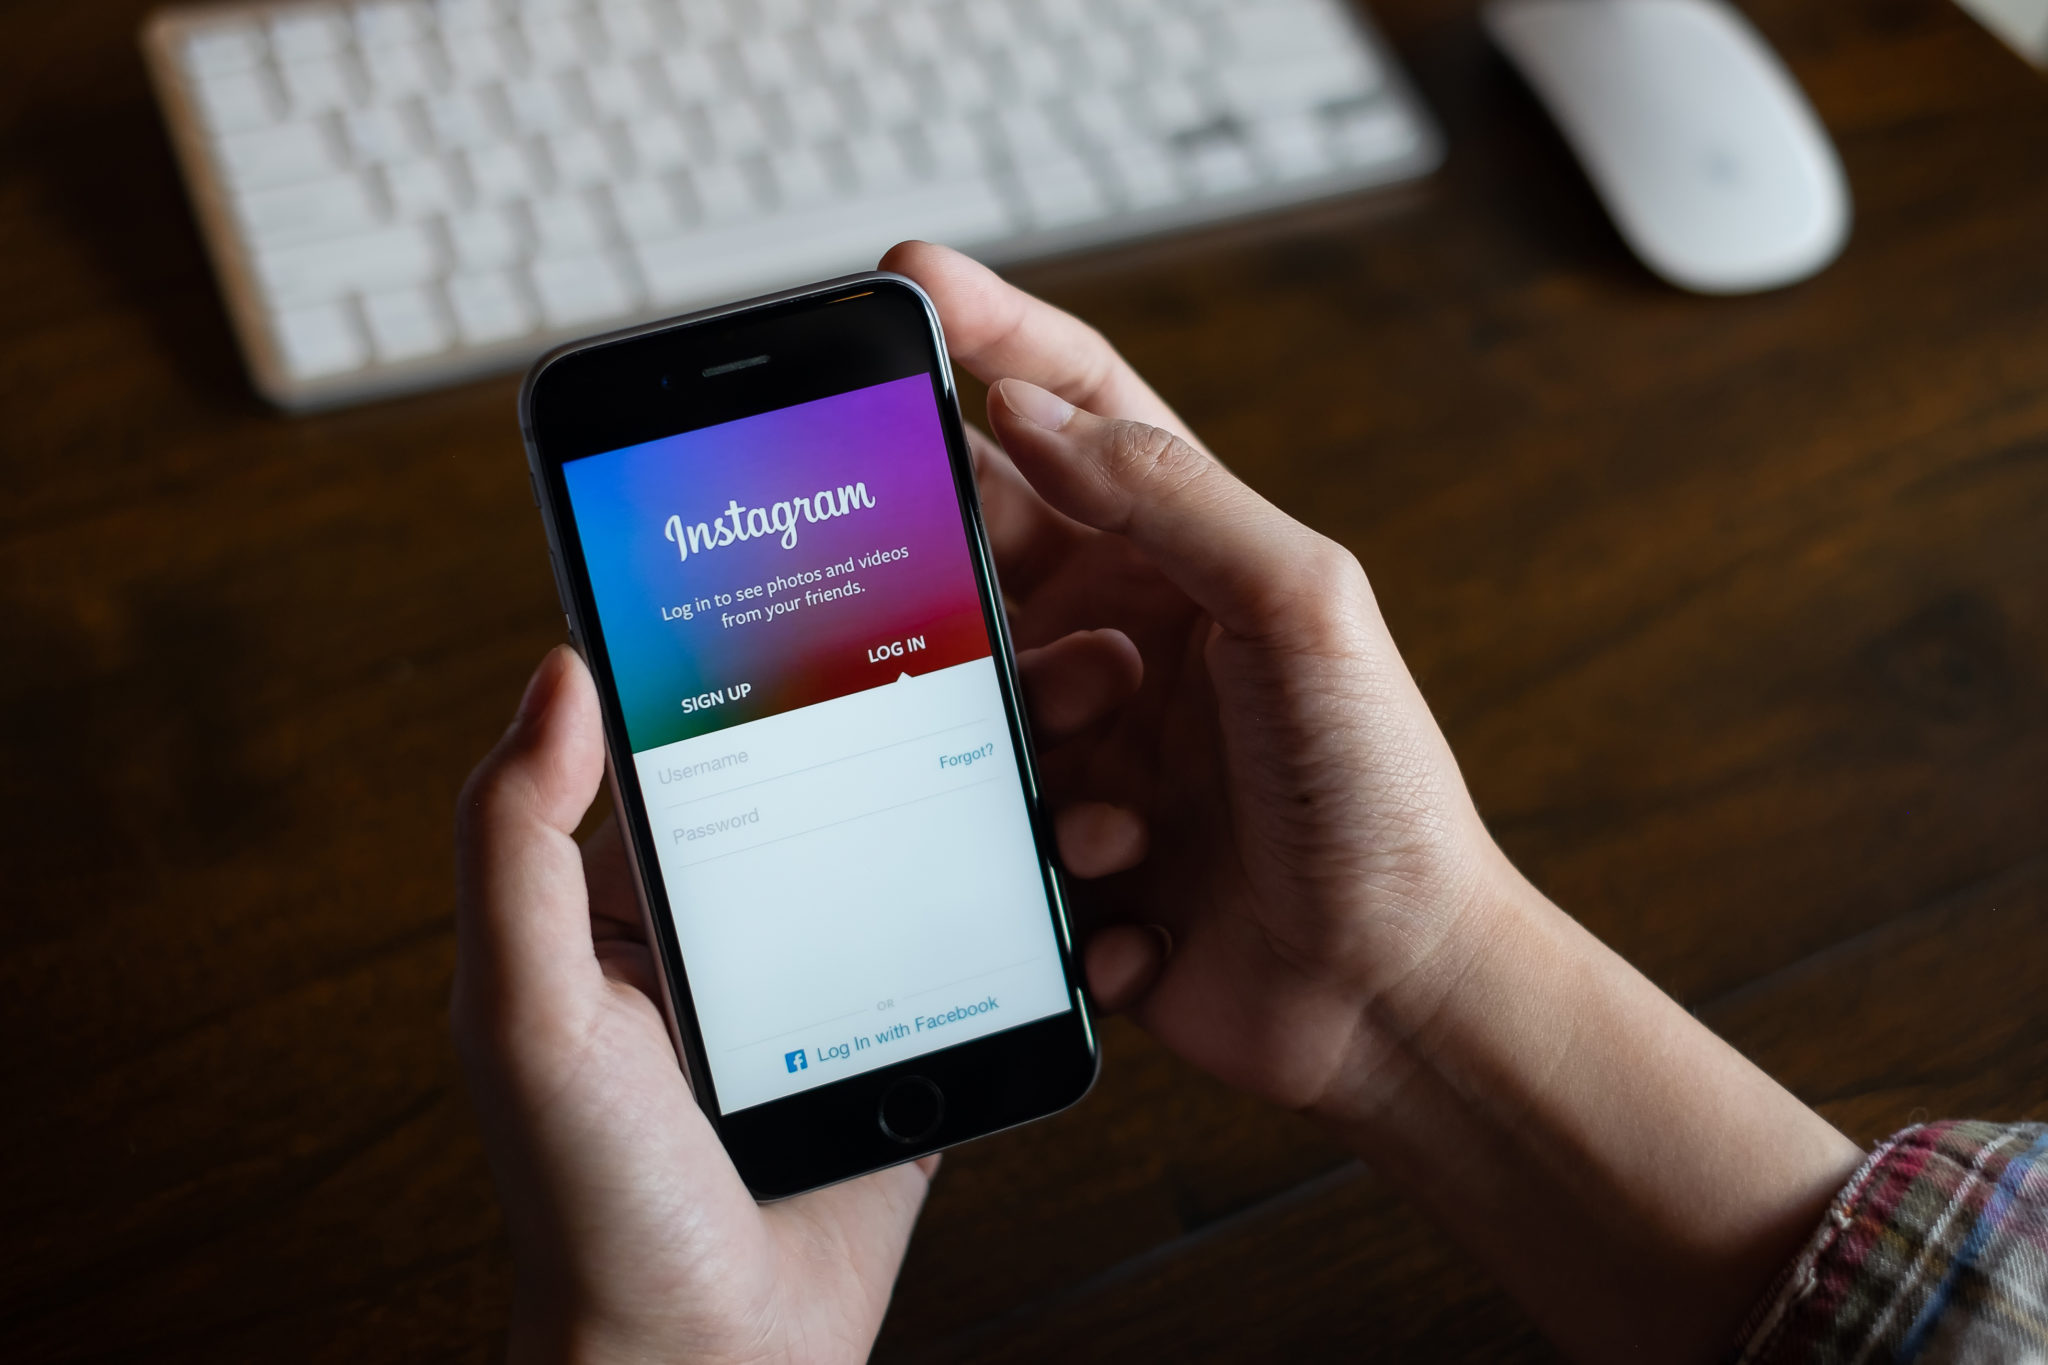 Instagram souhaite soutenir les créateurs en leur permettant d'utiliser Instagram Shopping